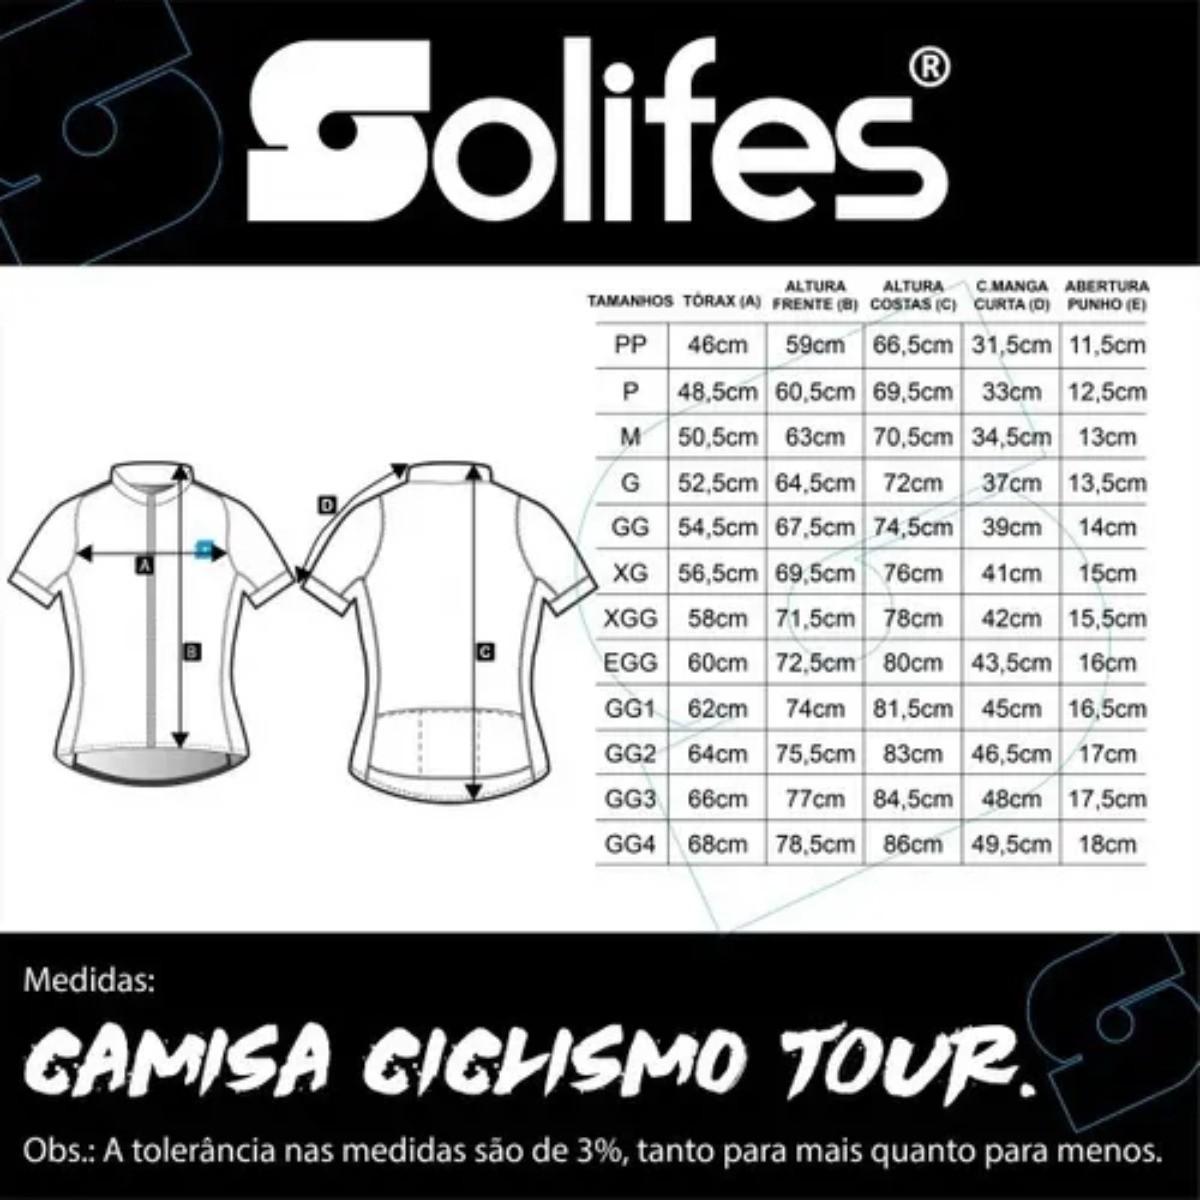 Camisa Ciclismo Solifes Unissex Tour Bike Proteção UV50